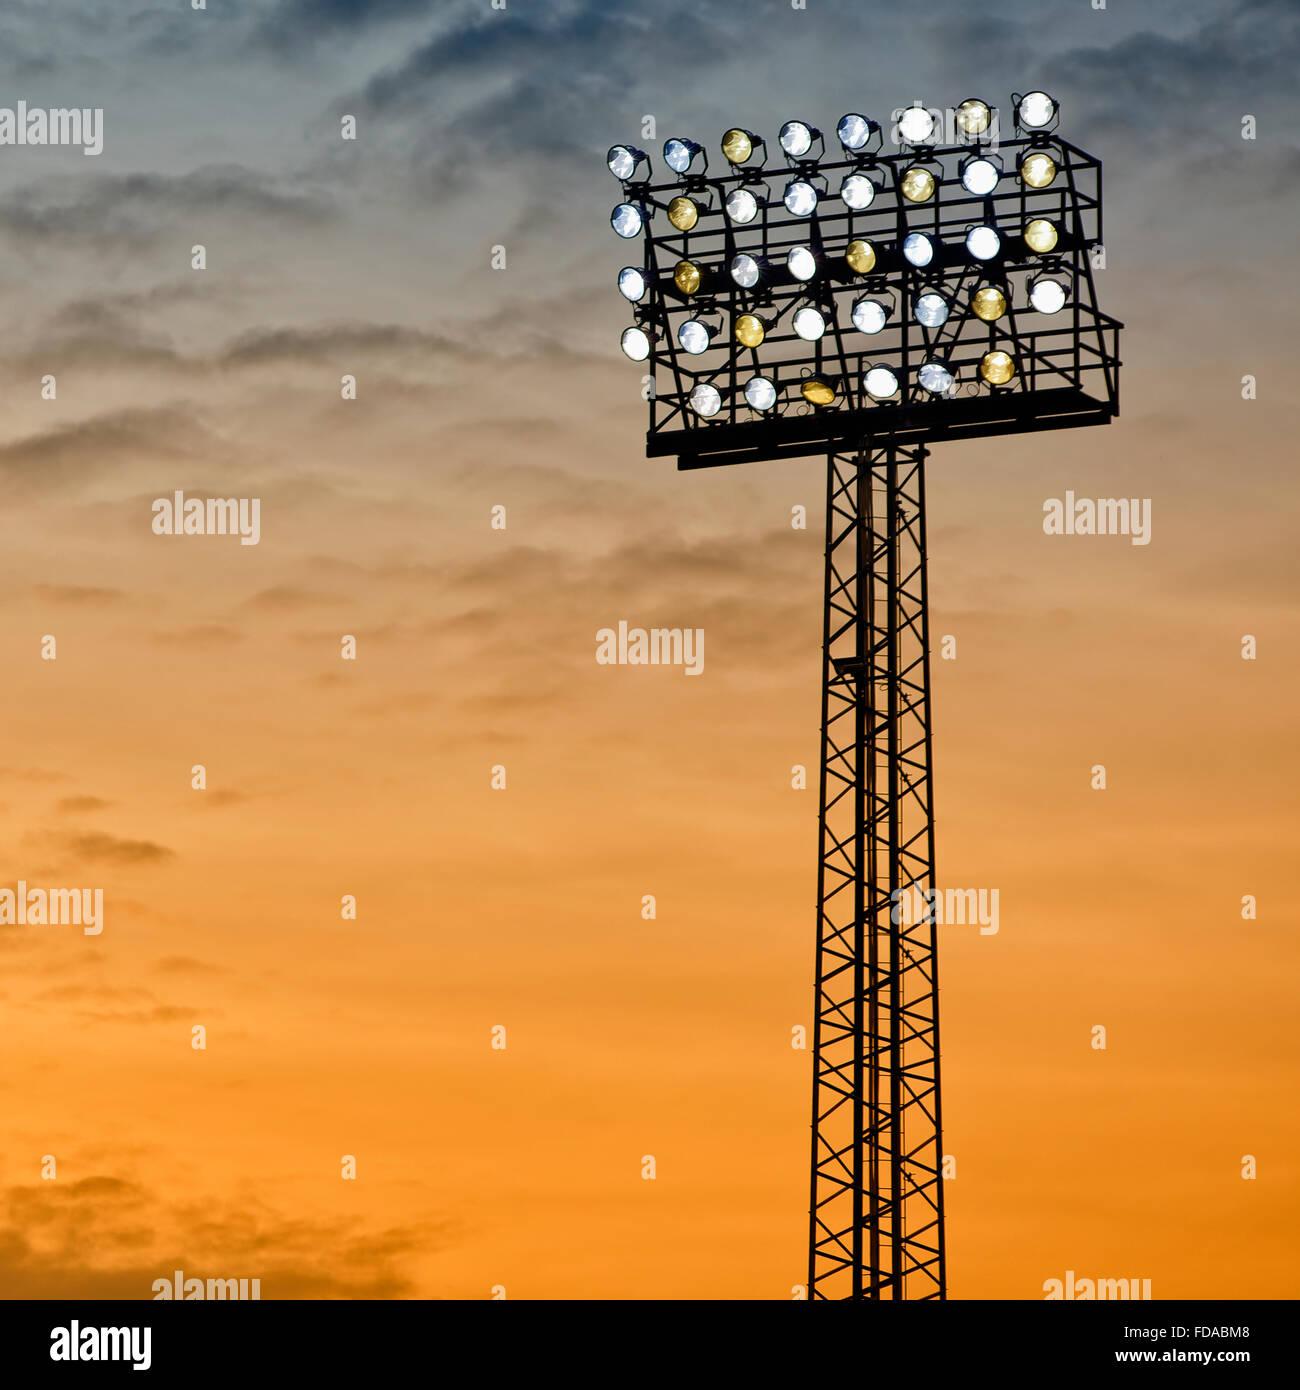 Bild vom Stadion oder Arena Unterwasserscheinwerfer Beleuchtung. Stockbild